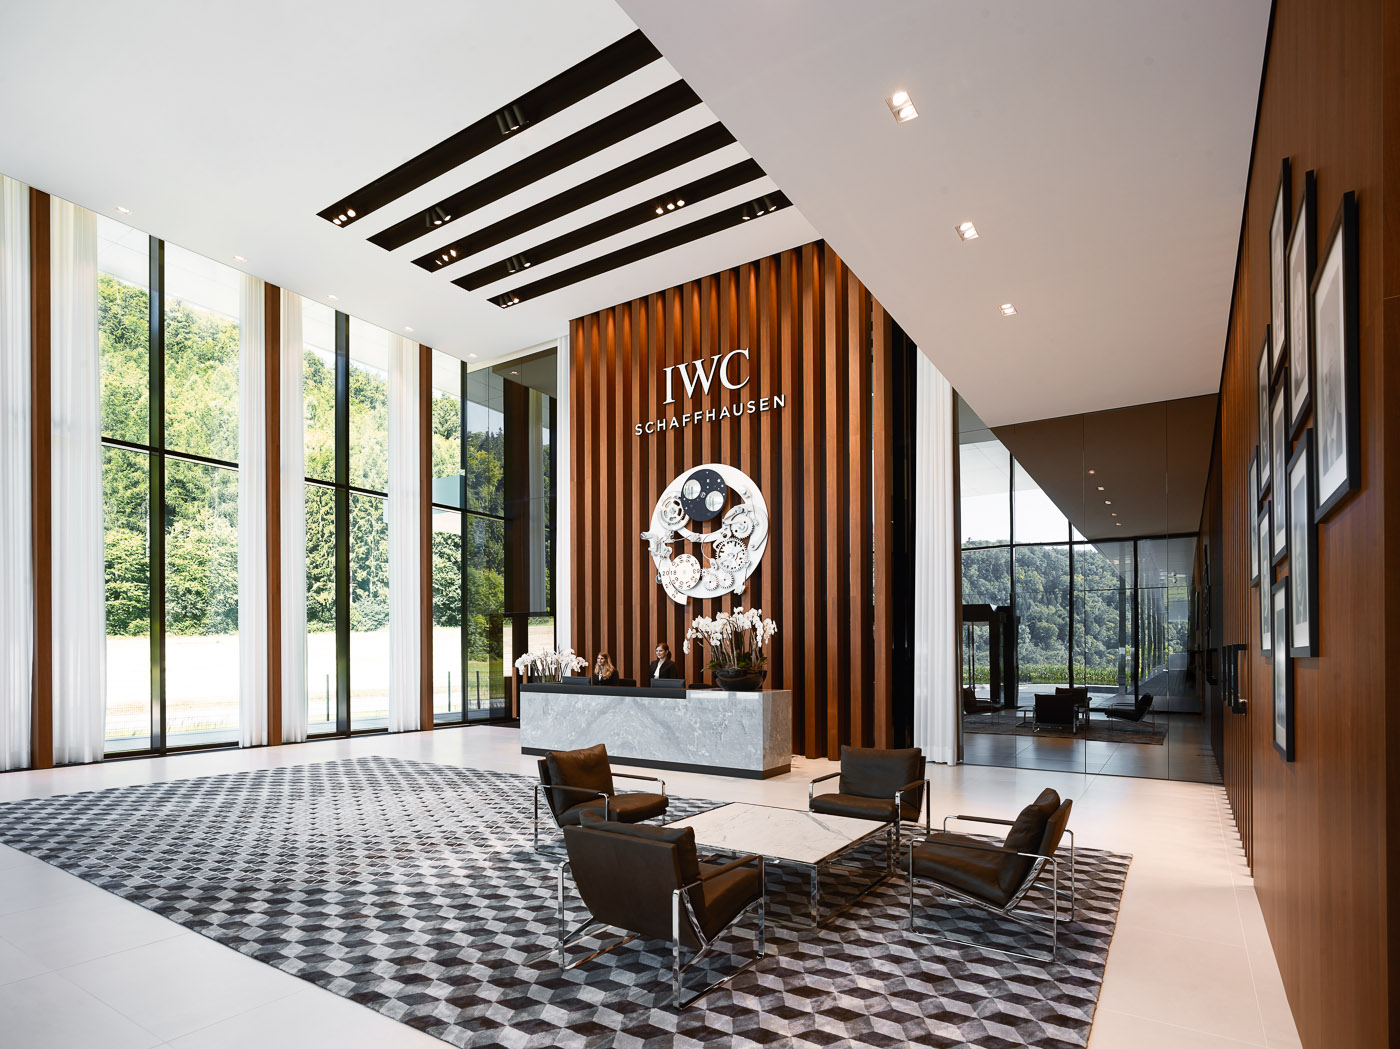 Компания IWC открыла новый Manufakturzentrum